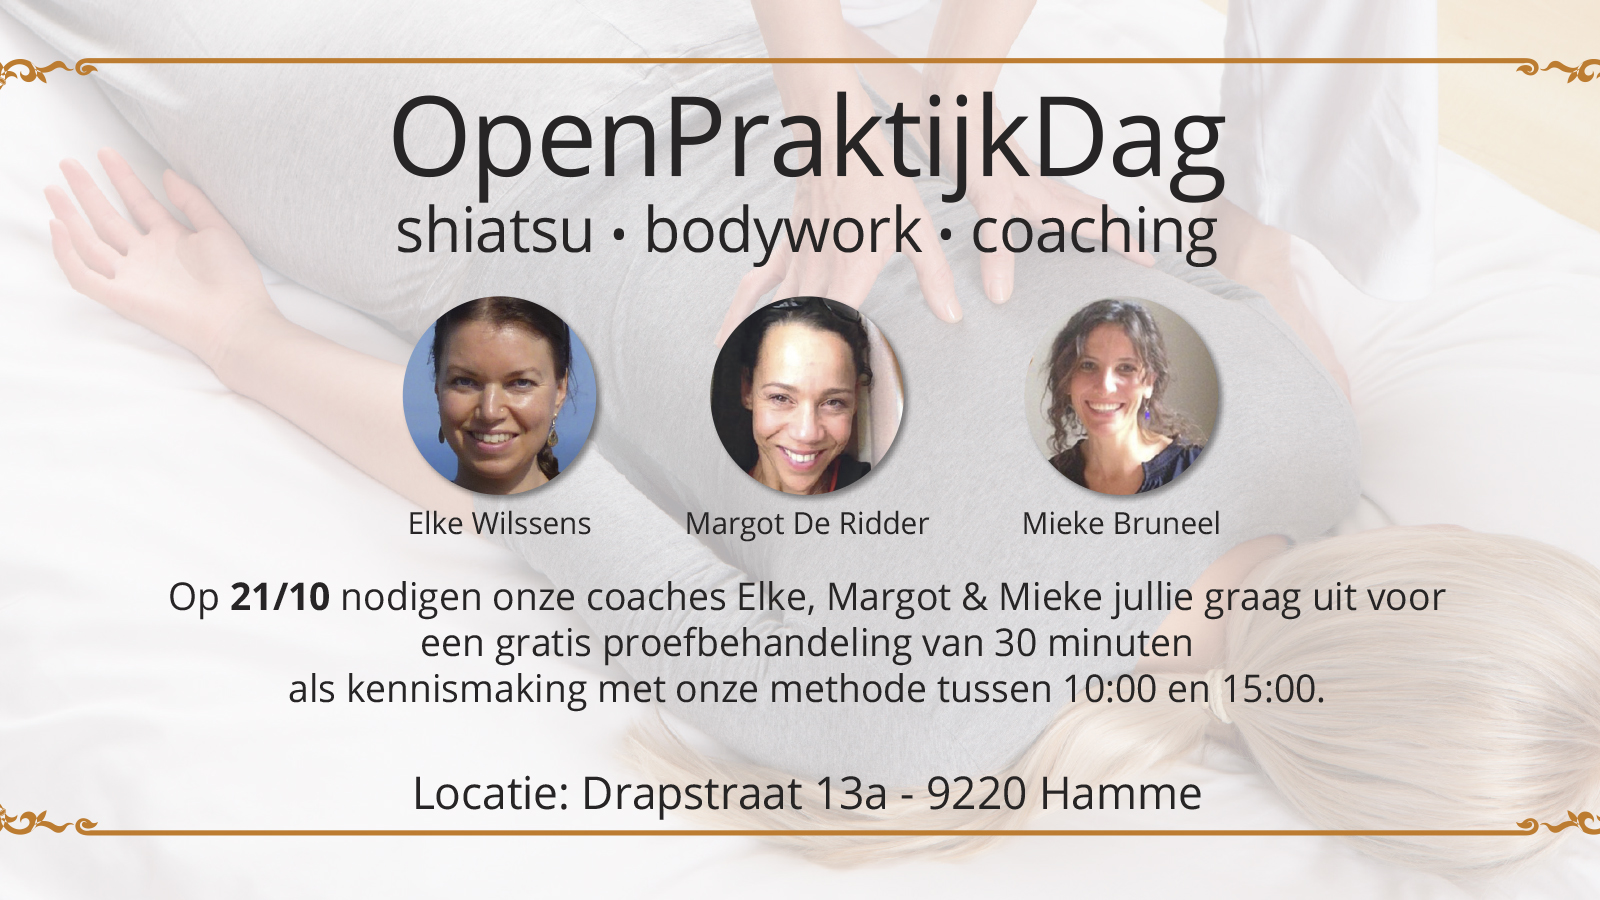 OpenPraktijkDag